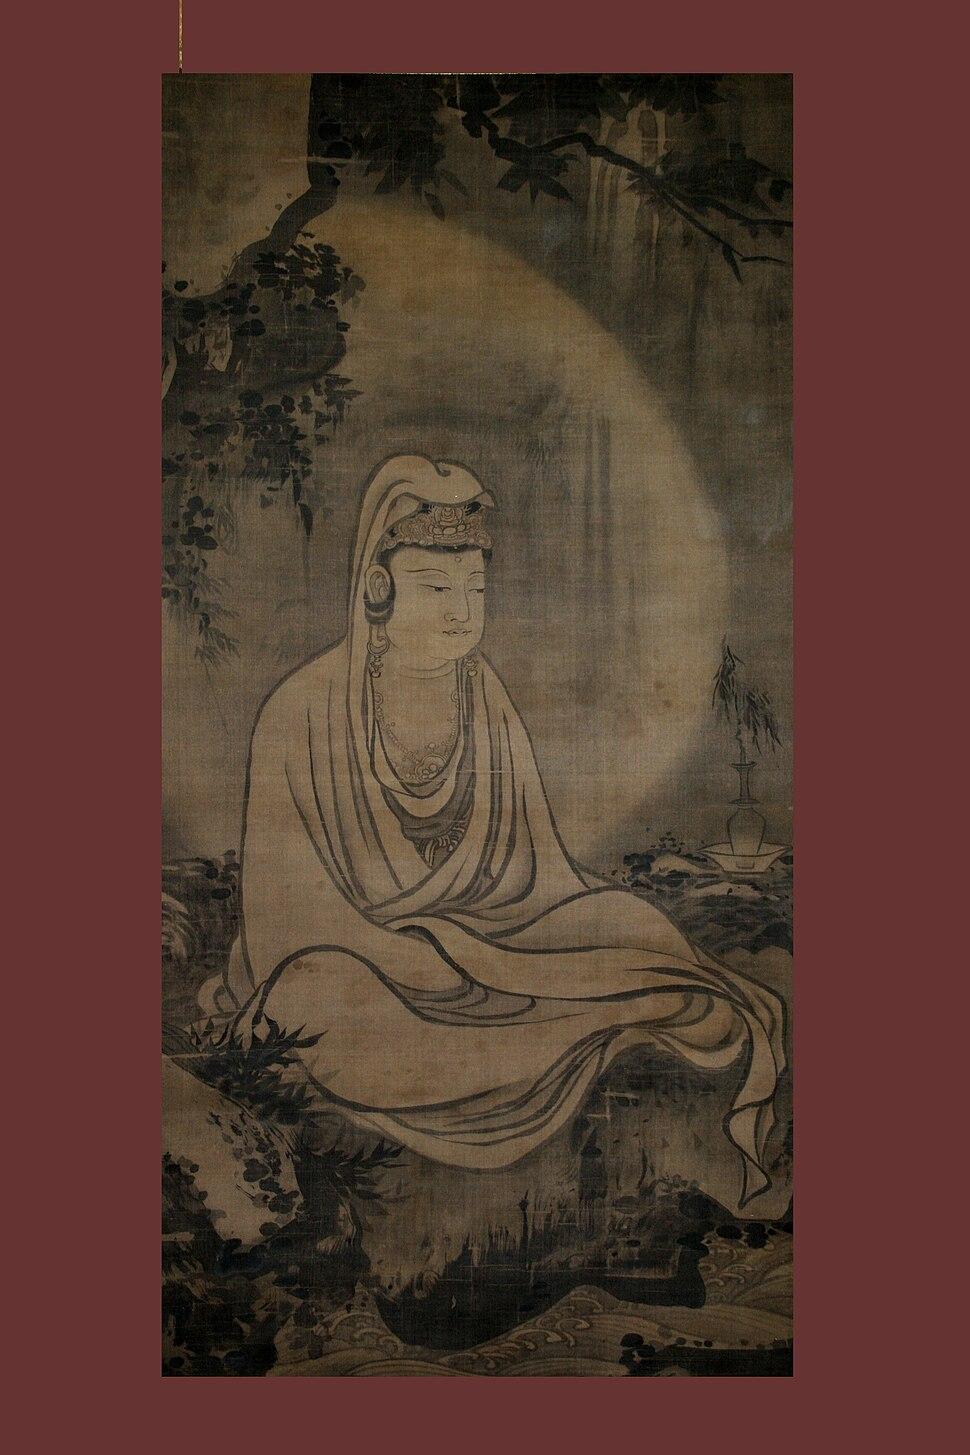 Guan Yin in white robe, by Mu-ch%27i